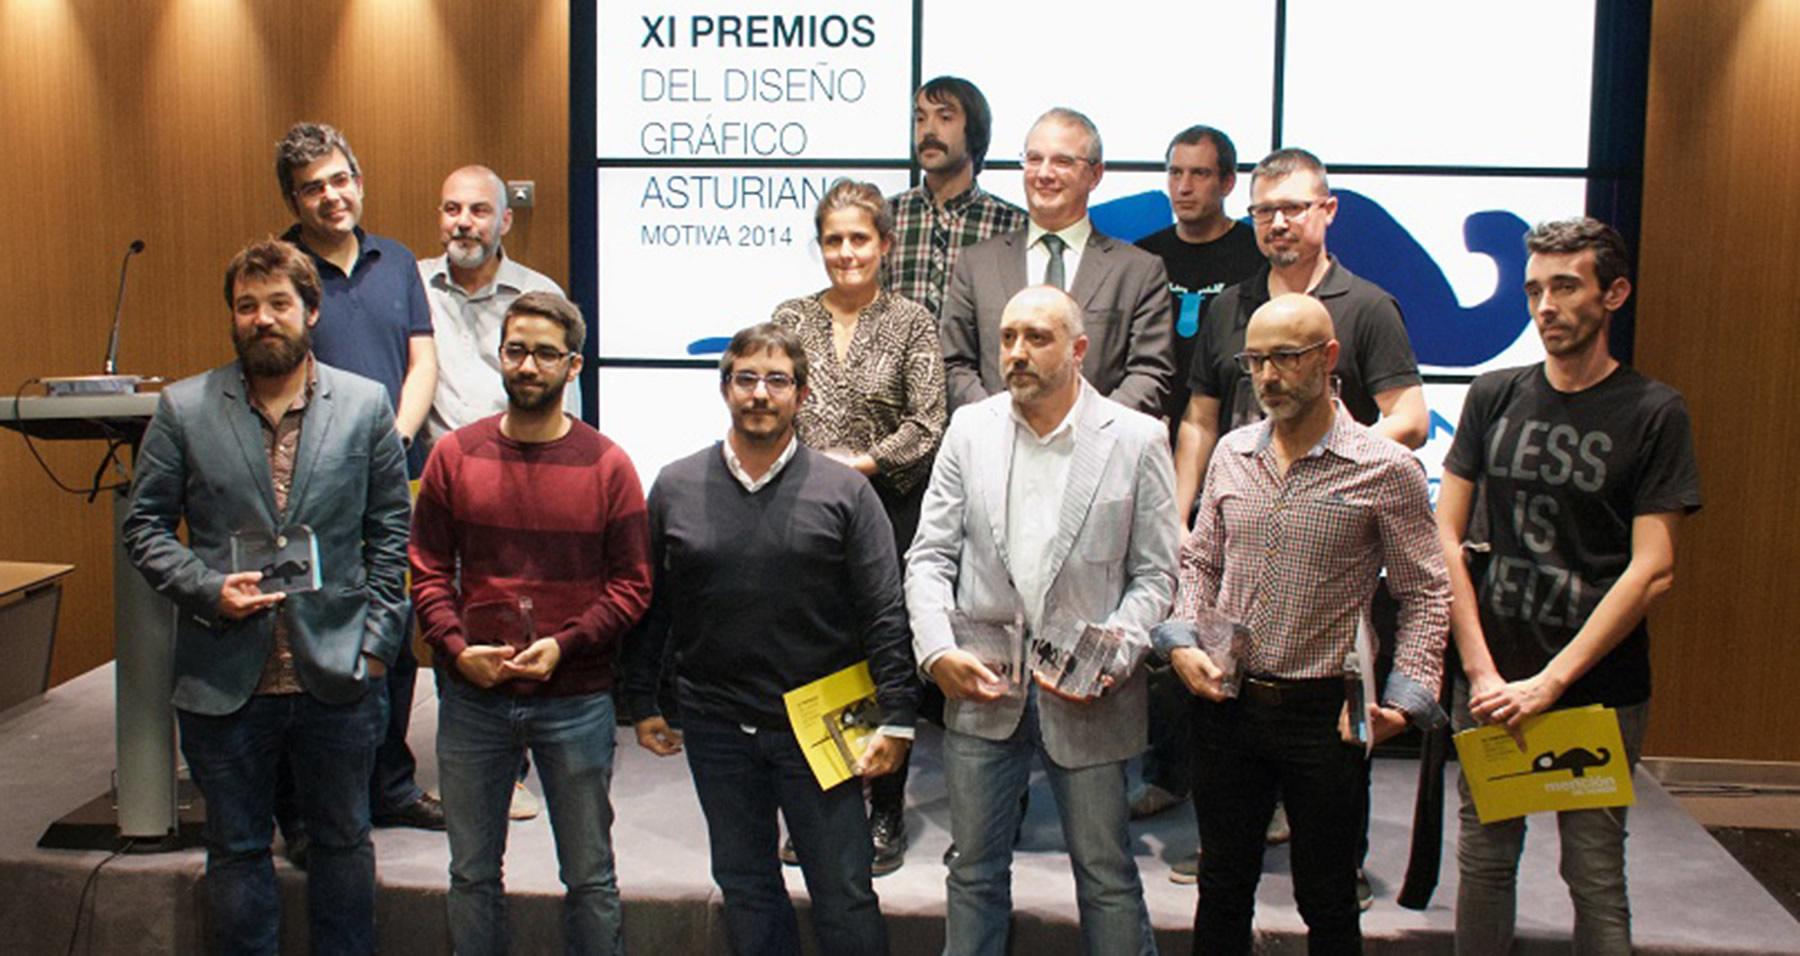 XI Premios de Diseño Gráfico Asturiano